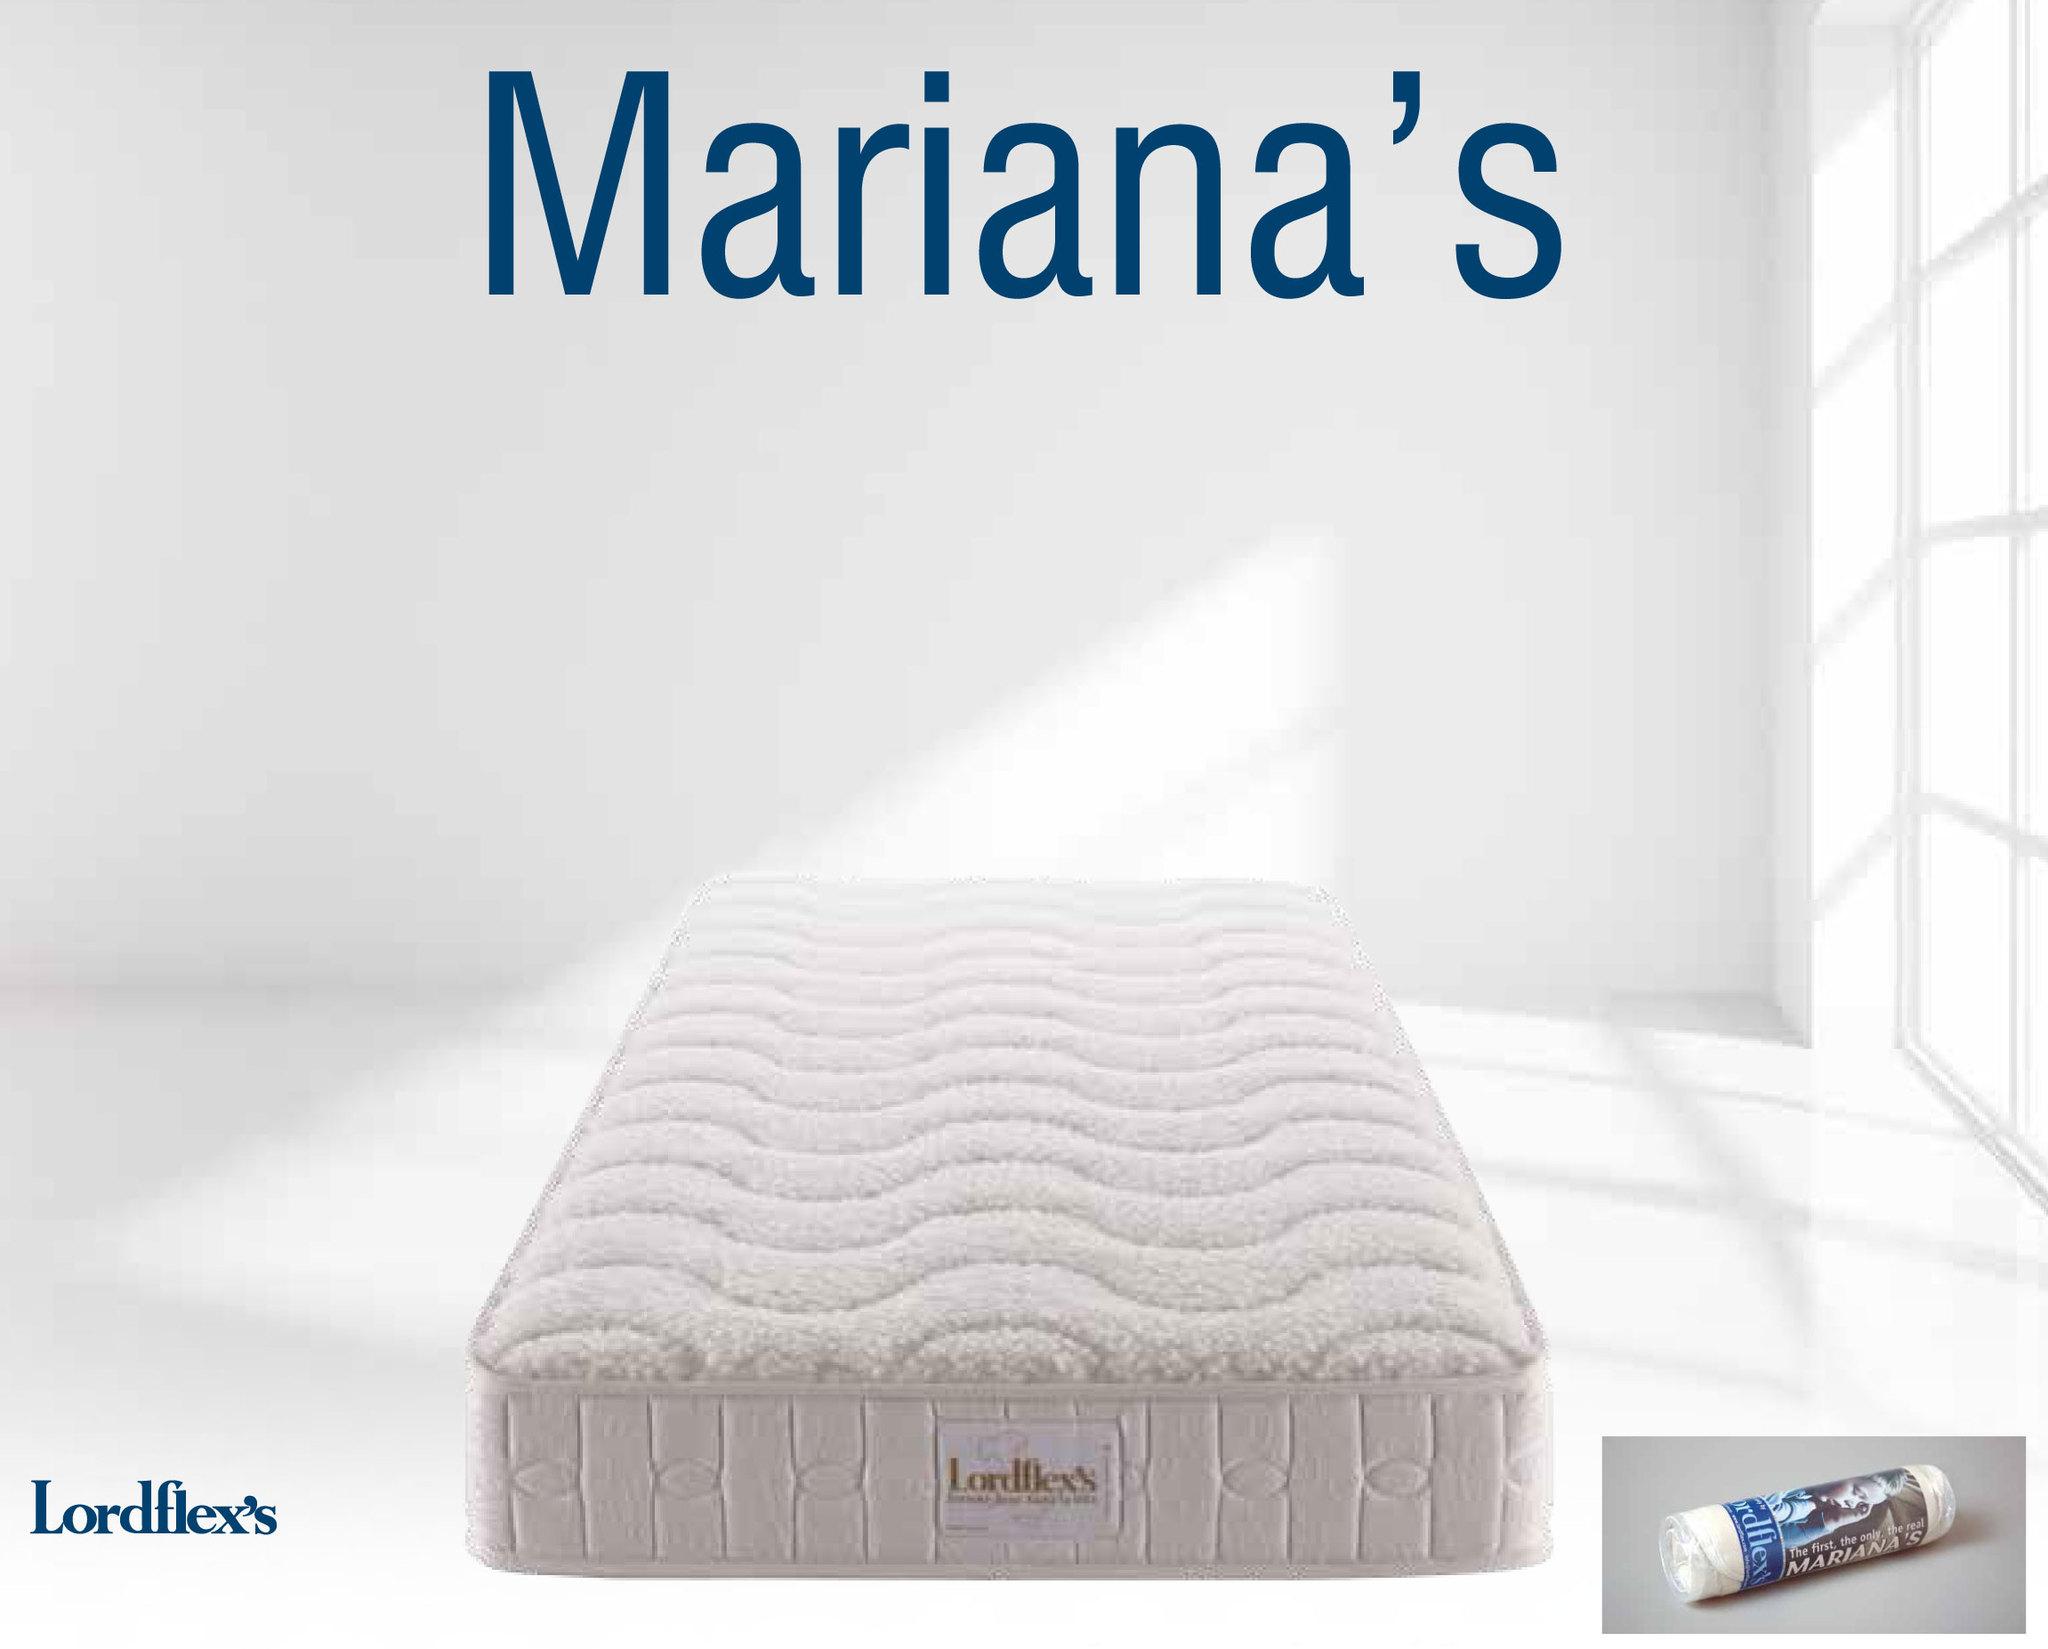 Матрасы Матрас ортопедический Lordflex's Mariana's 170х190 до 140 кг в вакуумной упаковке 1_Mariana_s.jpg